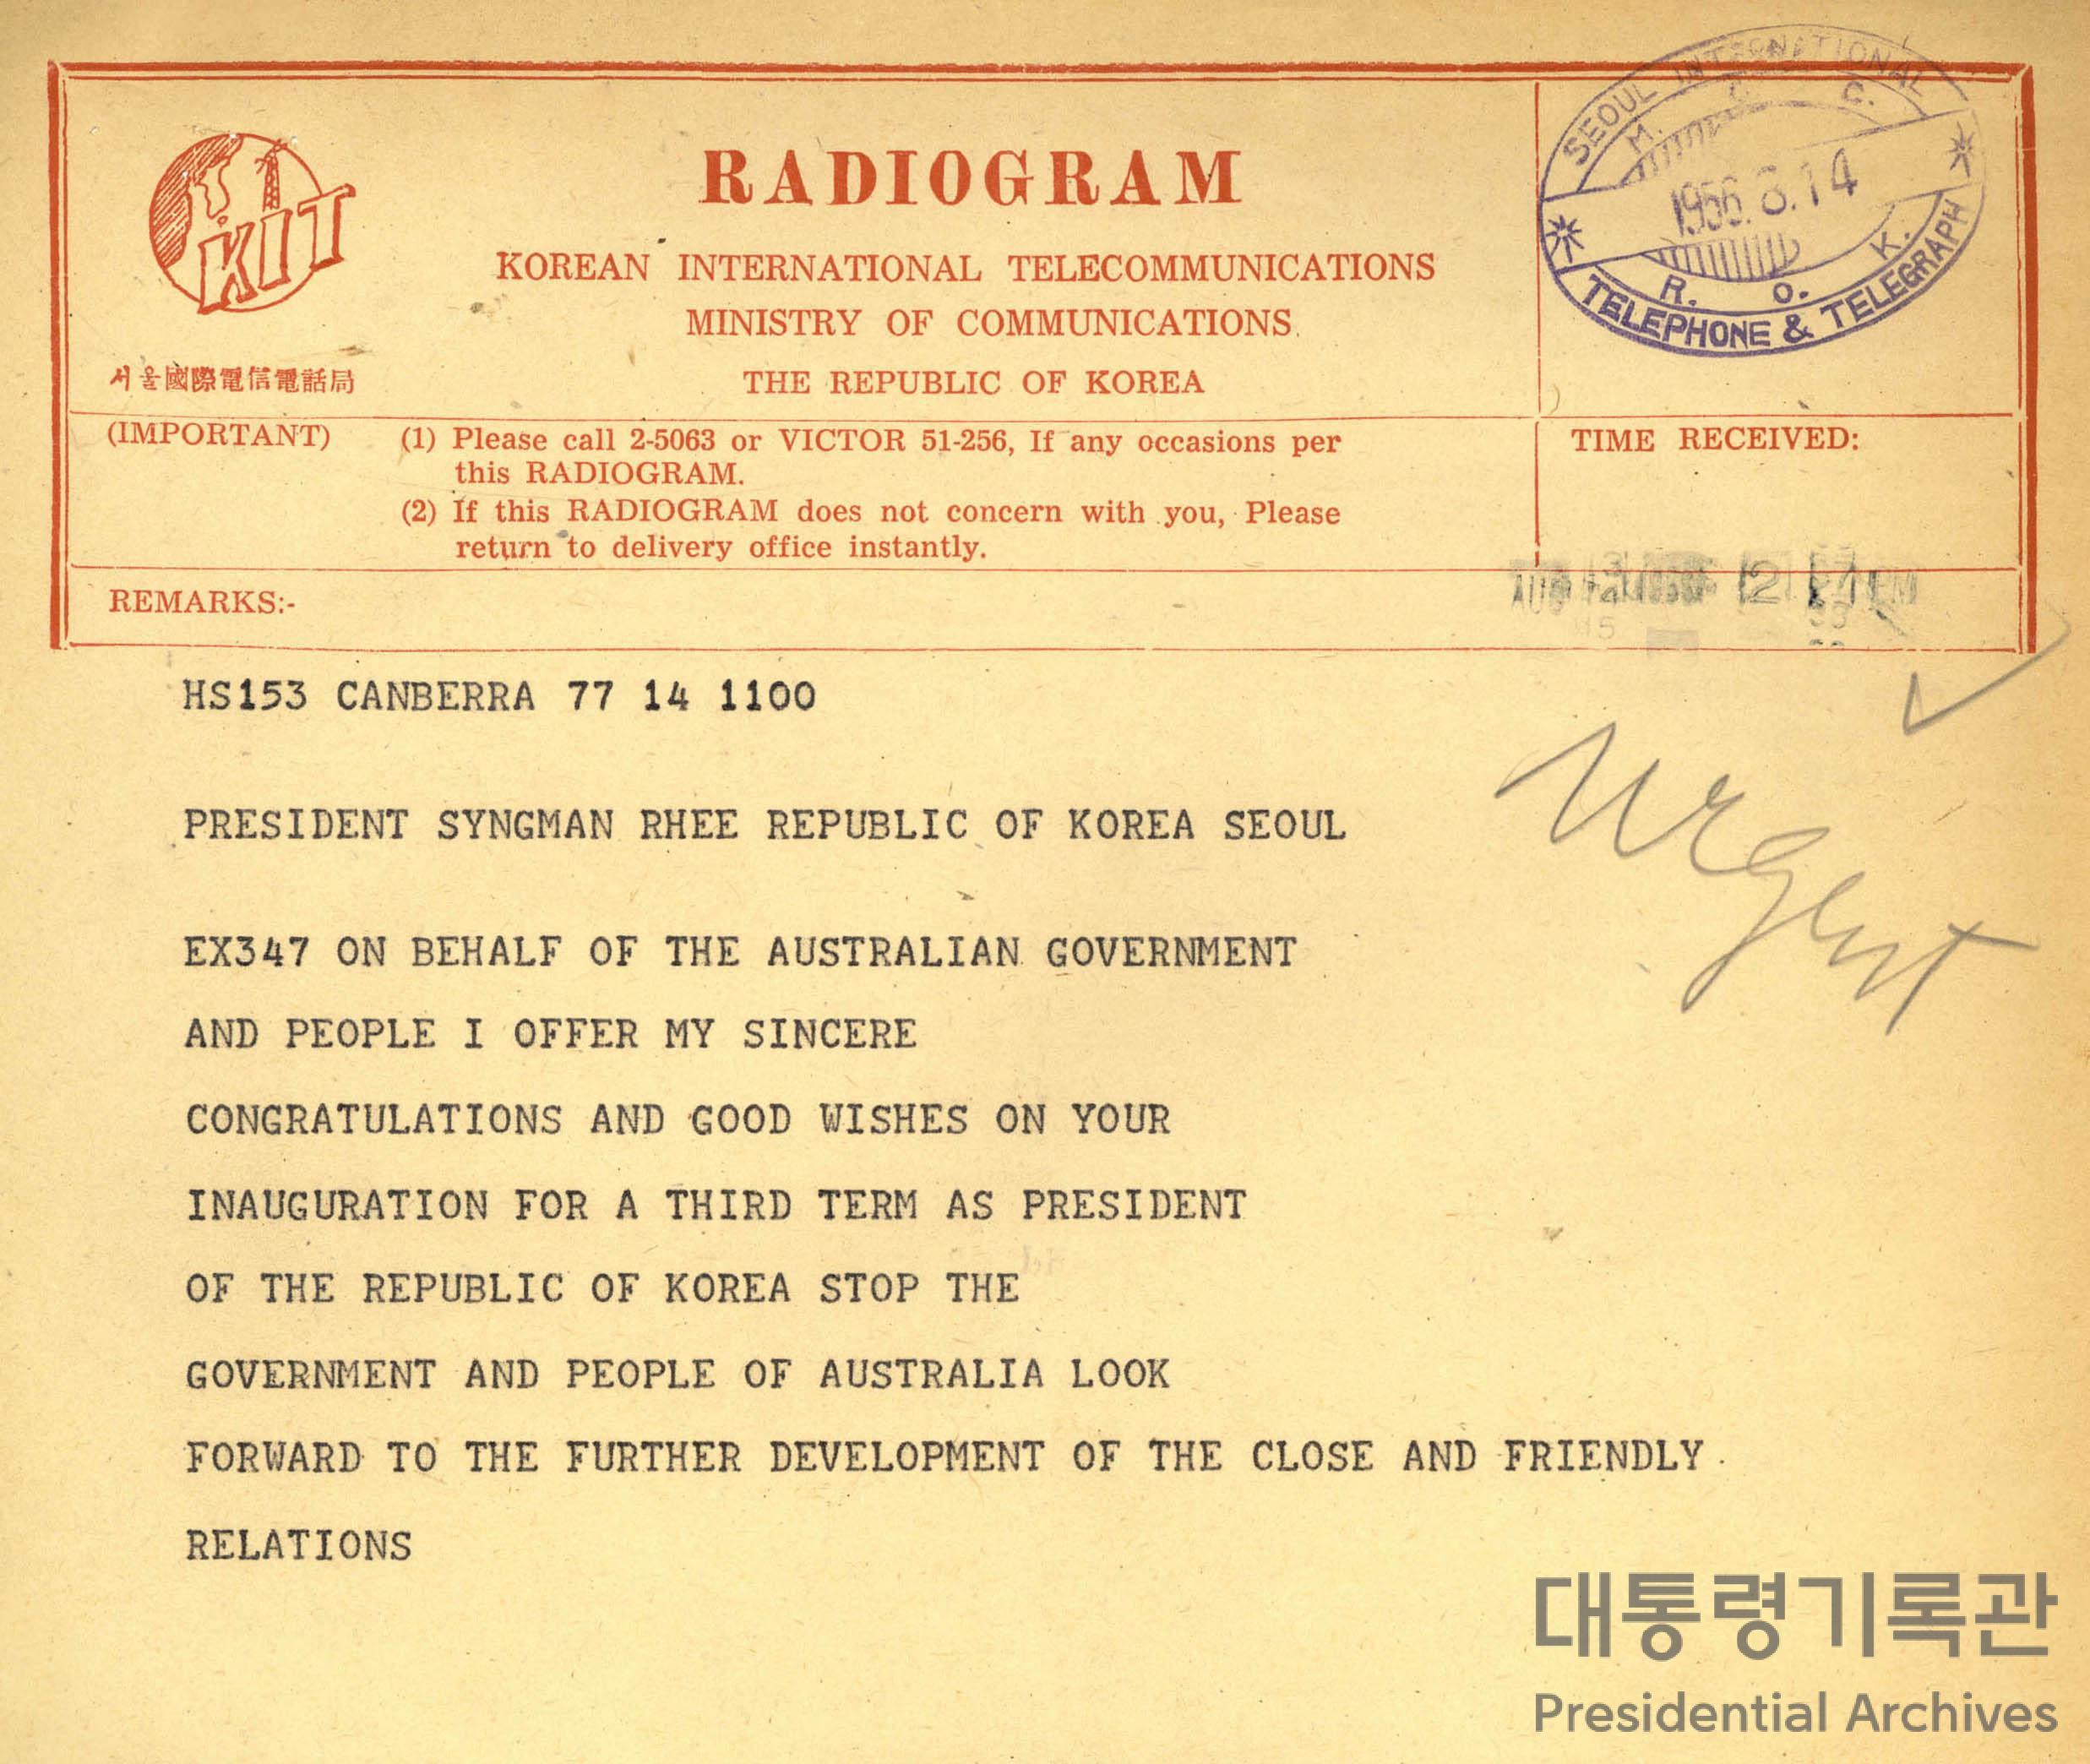 페든(A. W. Fadden)이 이승만 대통령에게 보낸 3선 취임축하 무선전보